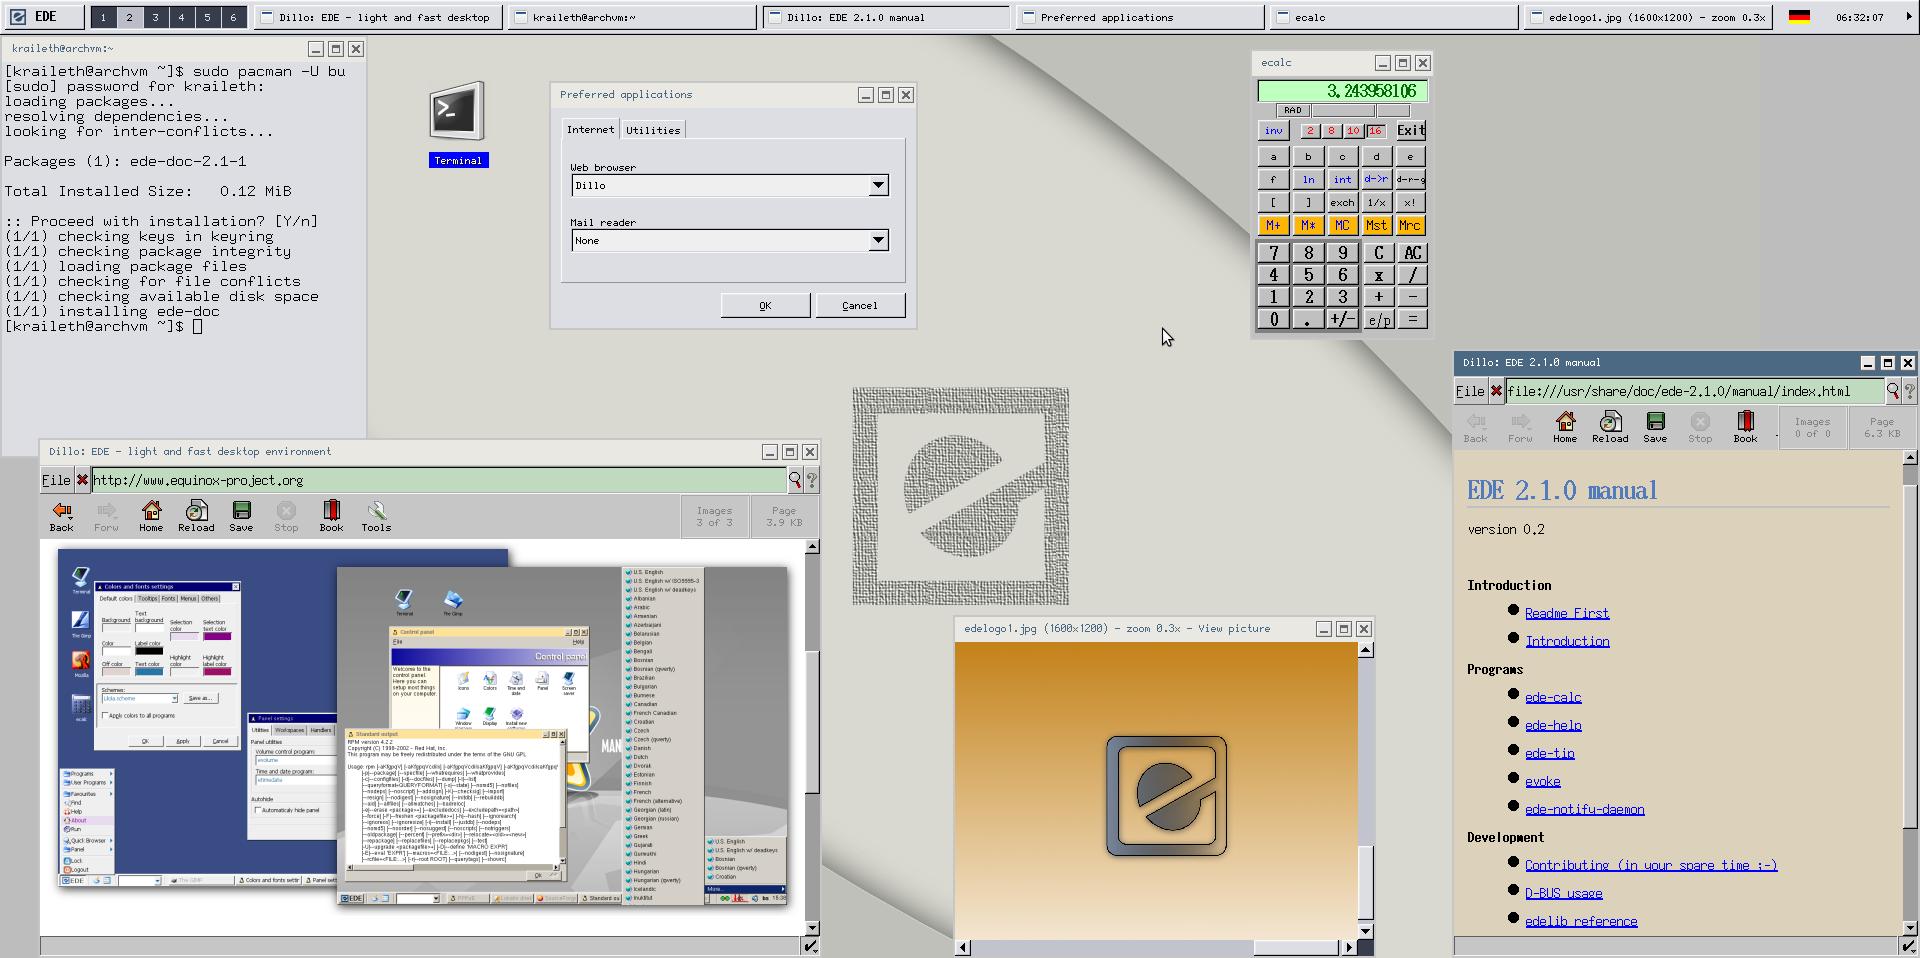 Tampilan desktop EDE